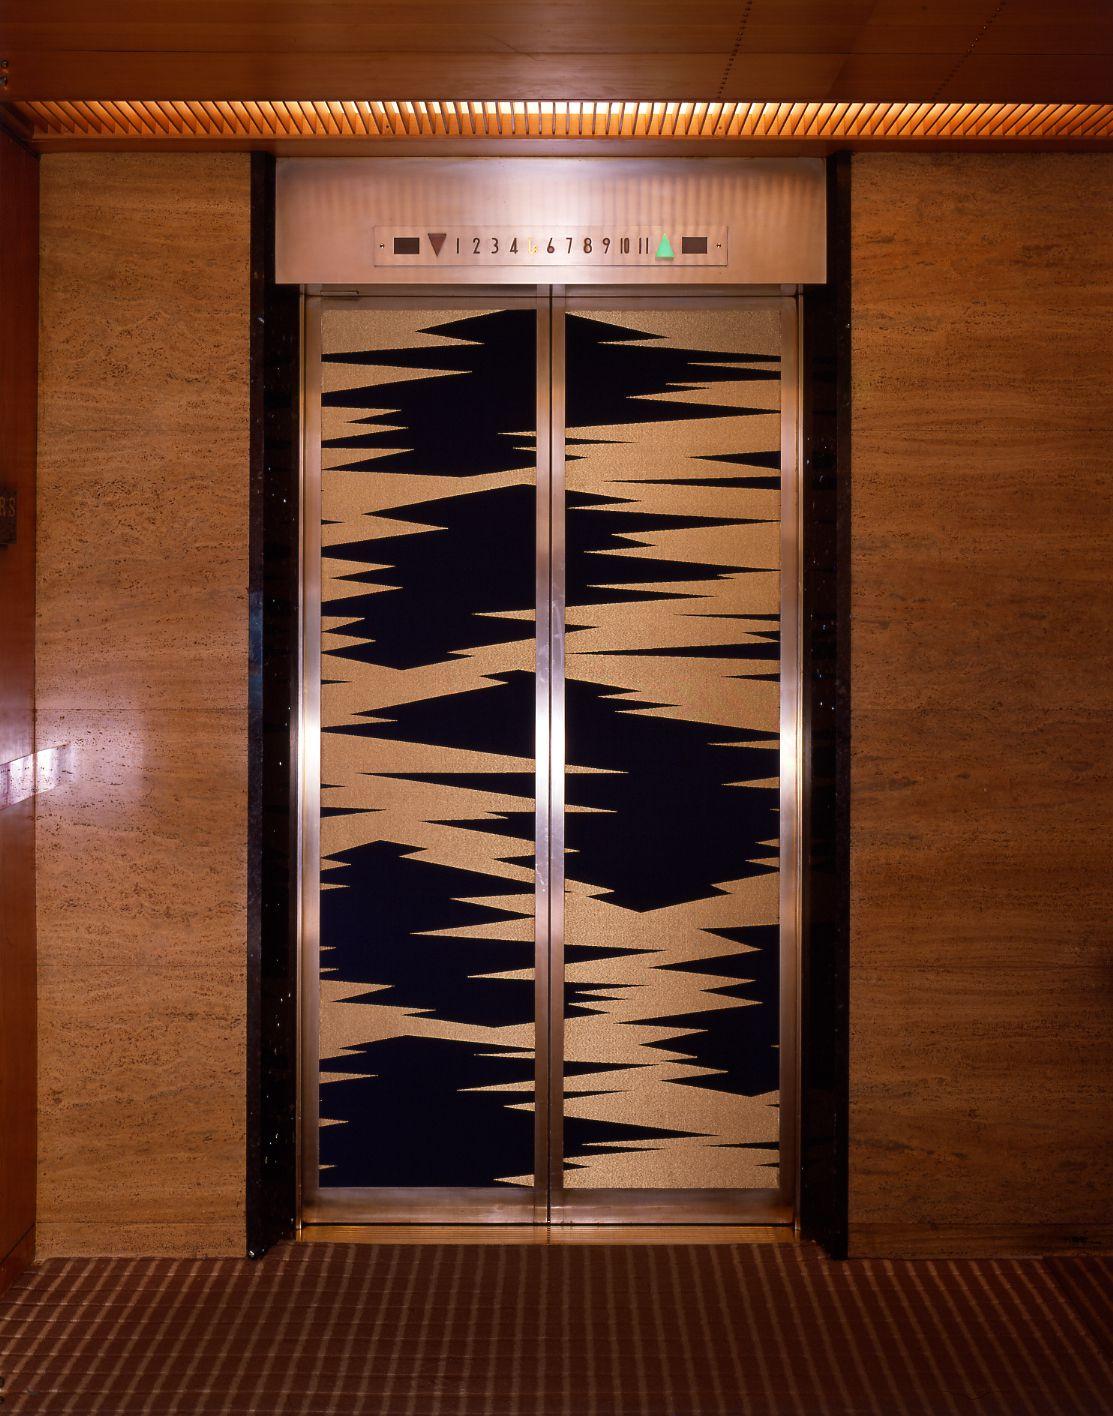 以「錦張」裝飾的電梯,類菱紋樣取材於大倉家的家紋「五階菱」。